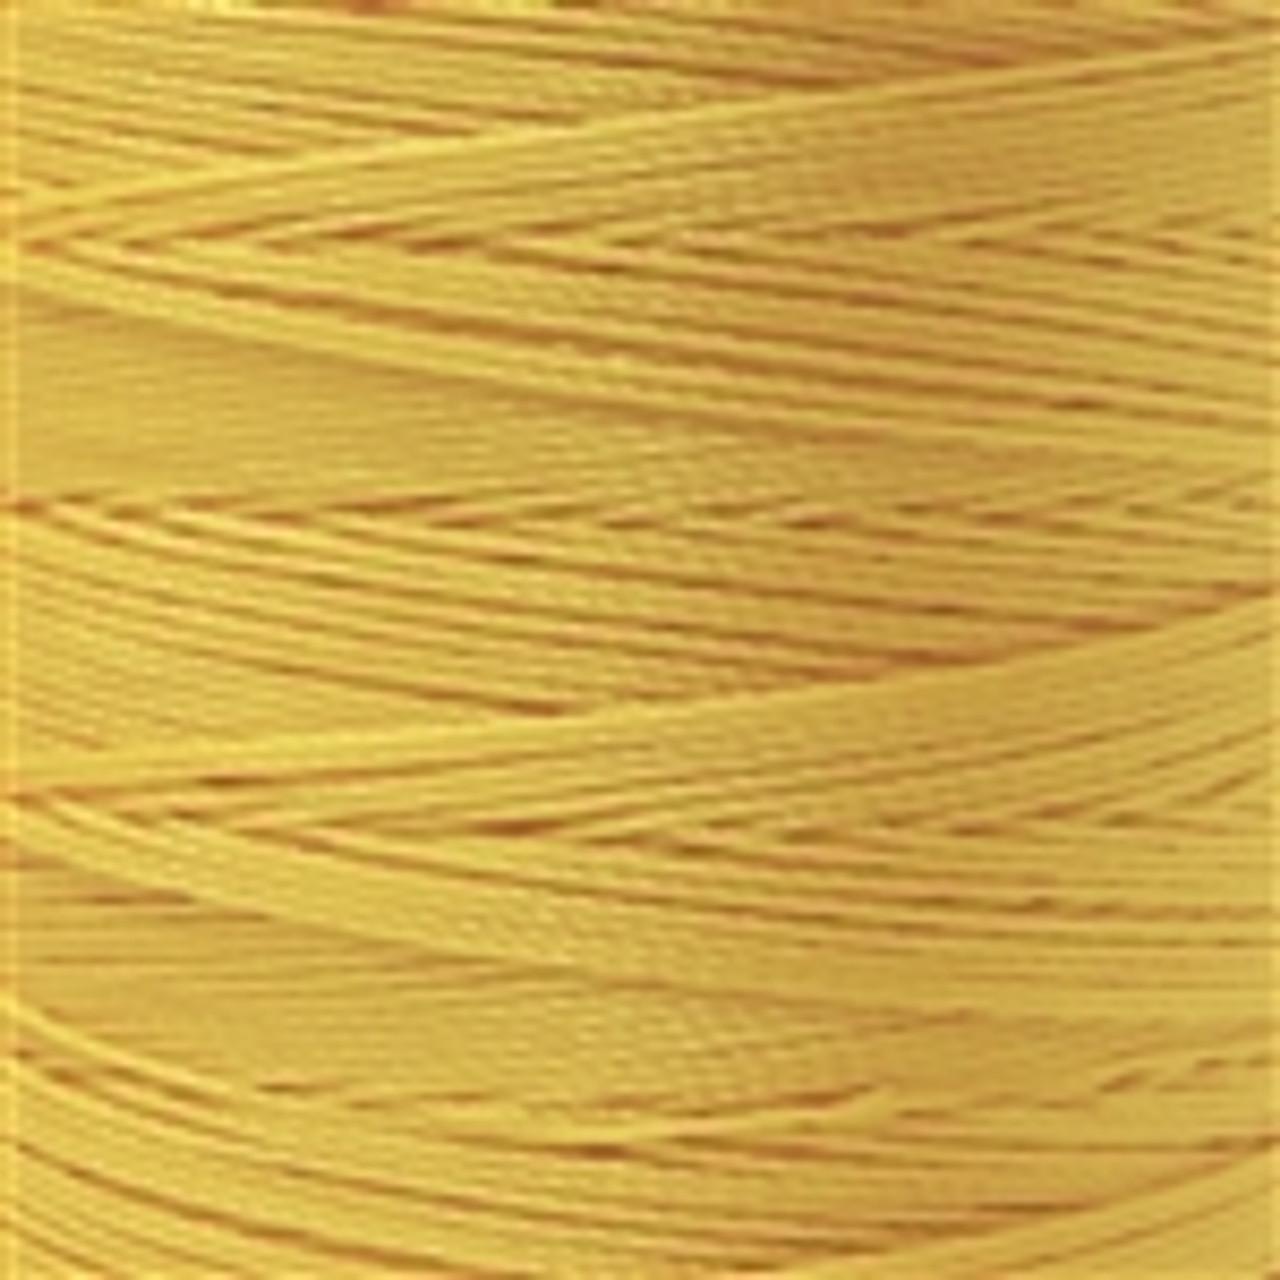 QTC T-270 Bonded Nylon Thread Forsythia 709Q (Yellow) 8 oz Spool